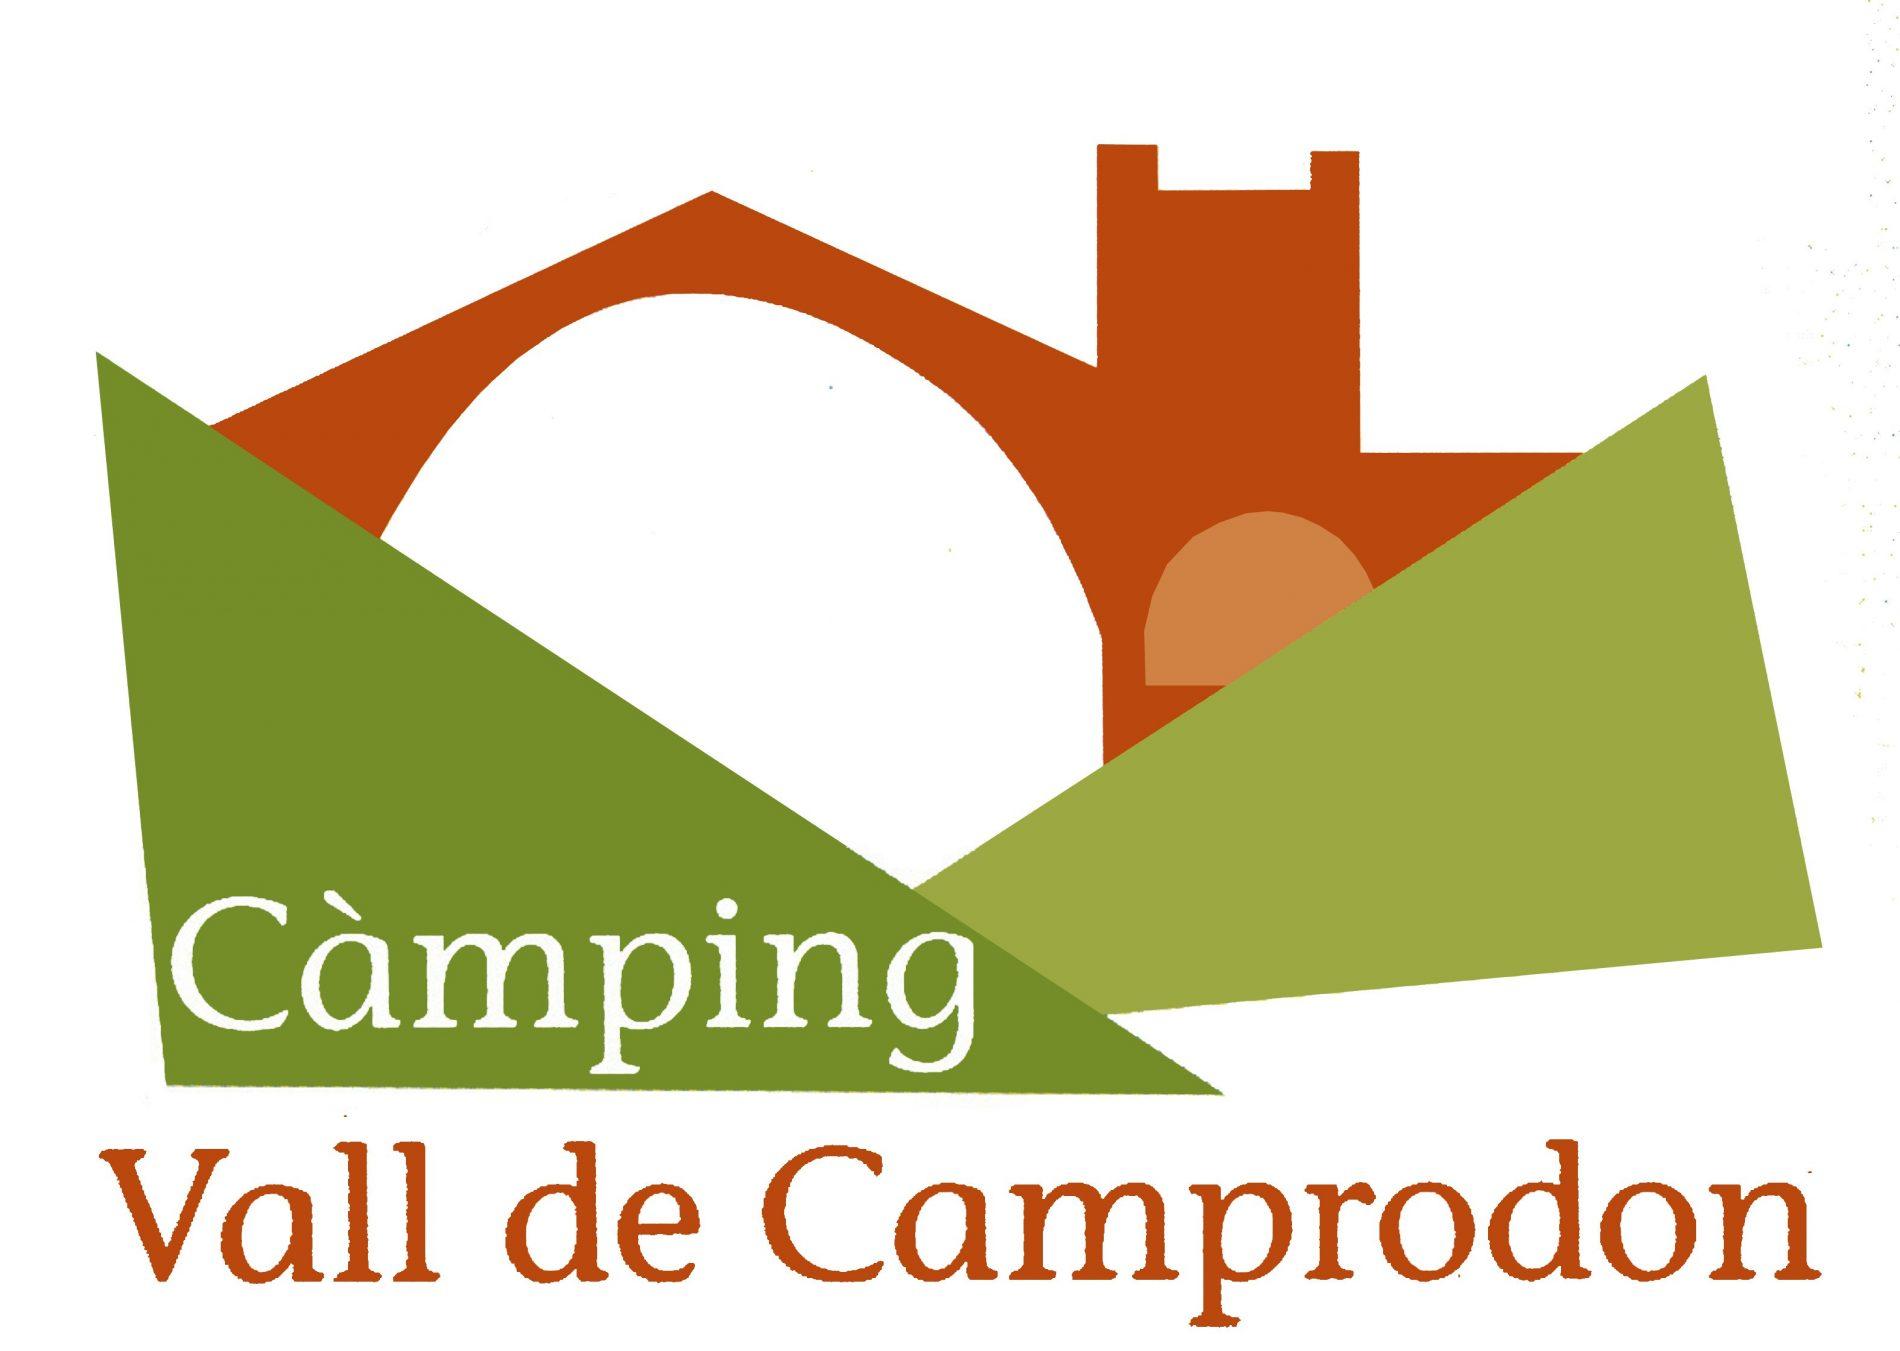 Camping Vall de Camprodon Logo